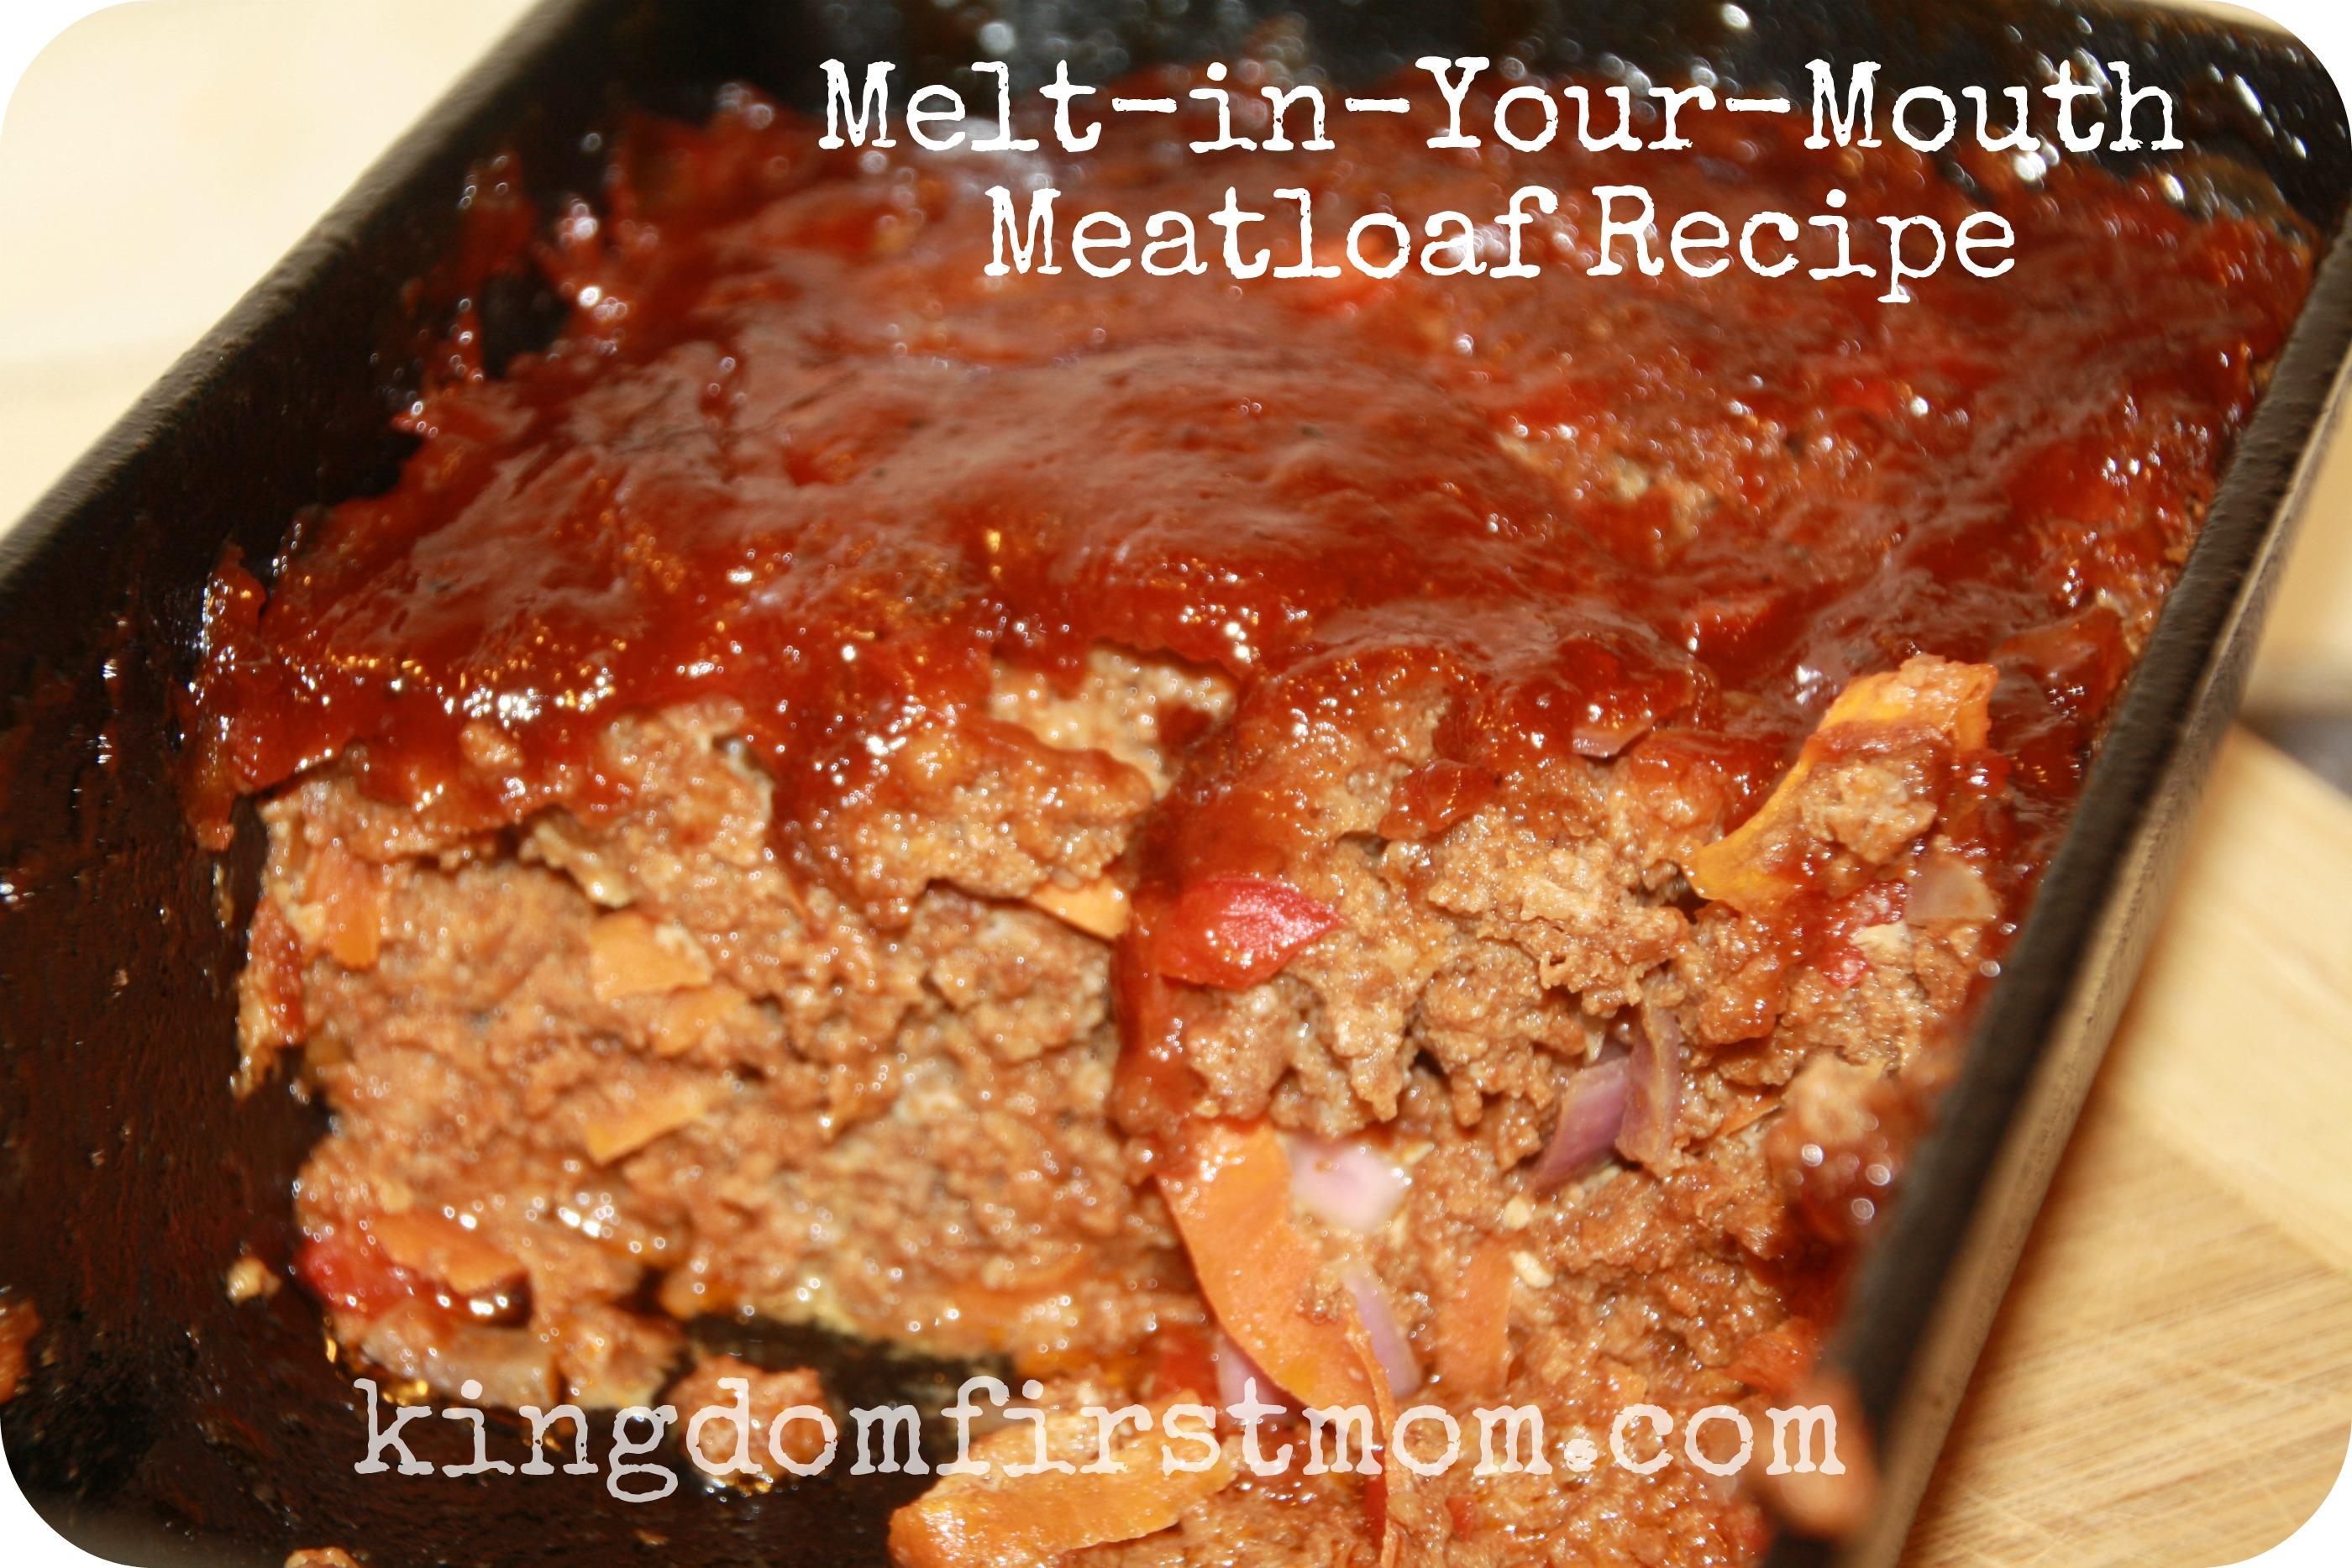 Best Meatloaf Recipe Meatloaf Recipe